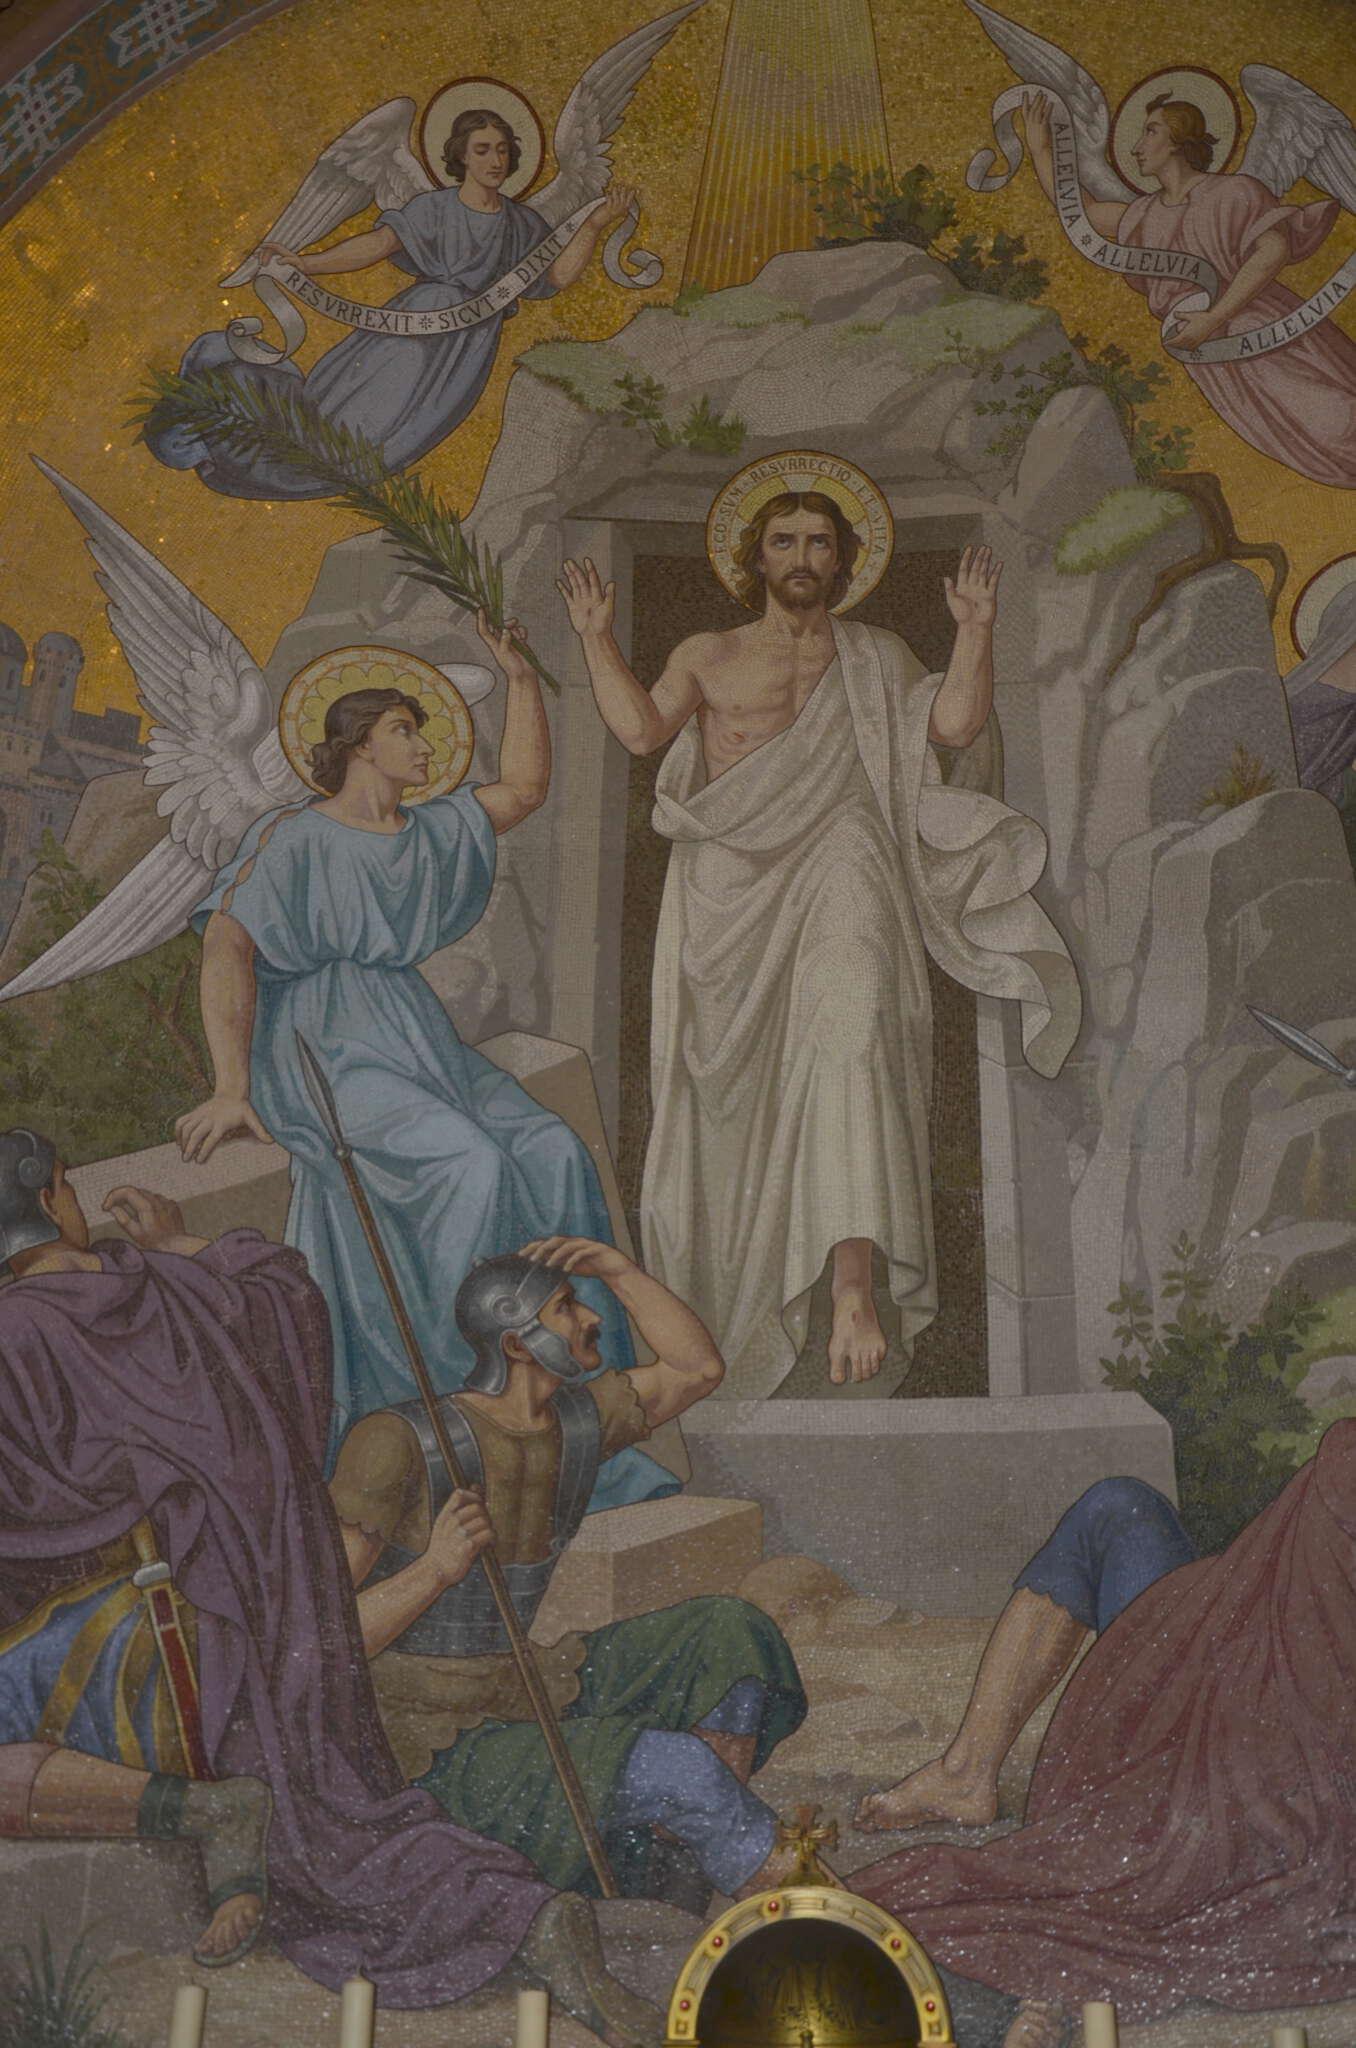 El Domingo de Pascua, celebramos la Resurrección de Jesús, un acontecimiento que cambia el pulso de la humanidad y que es sinónimo de alegría.